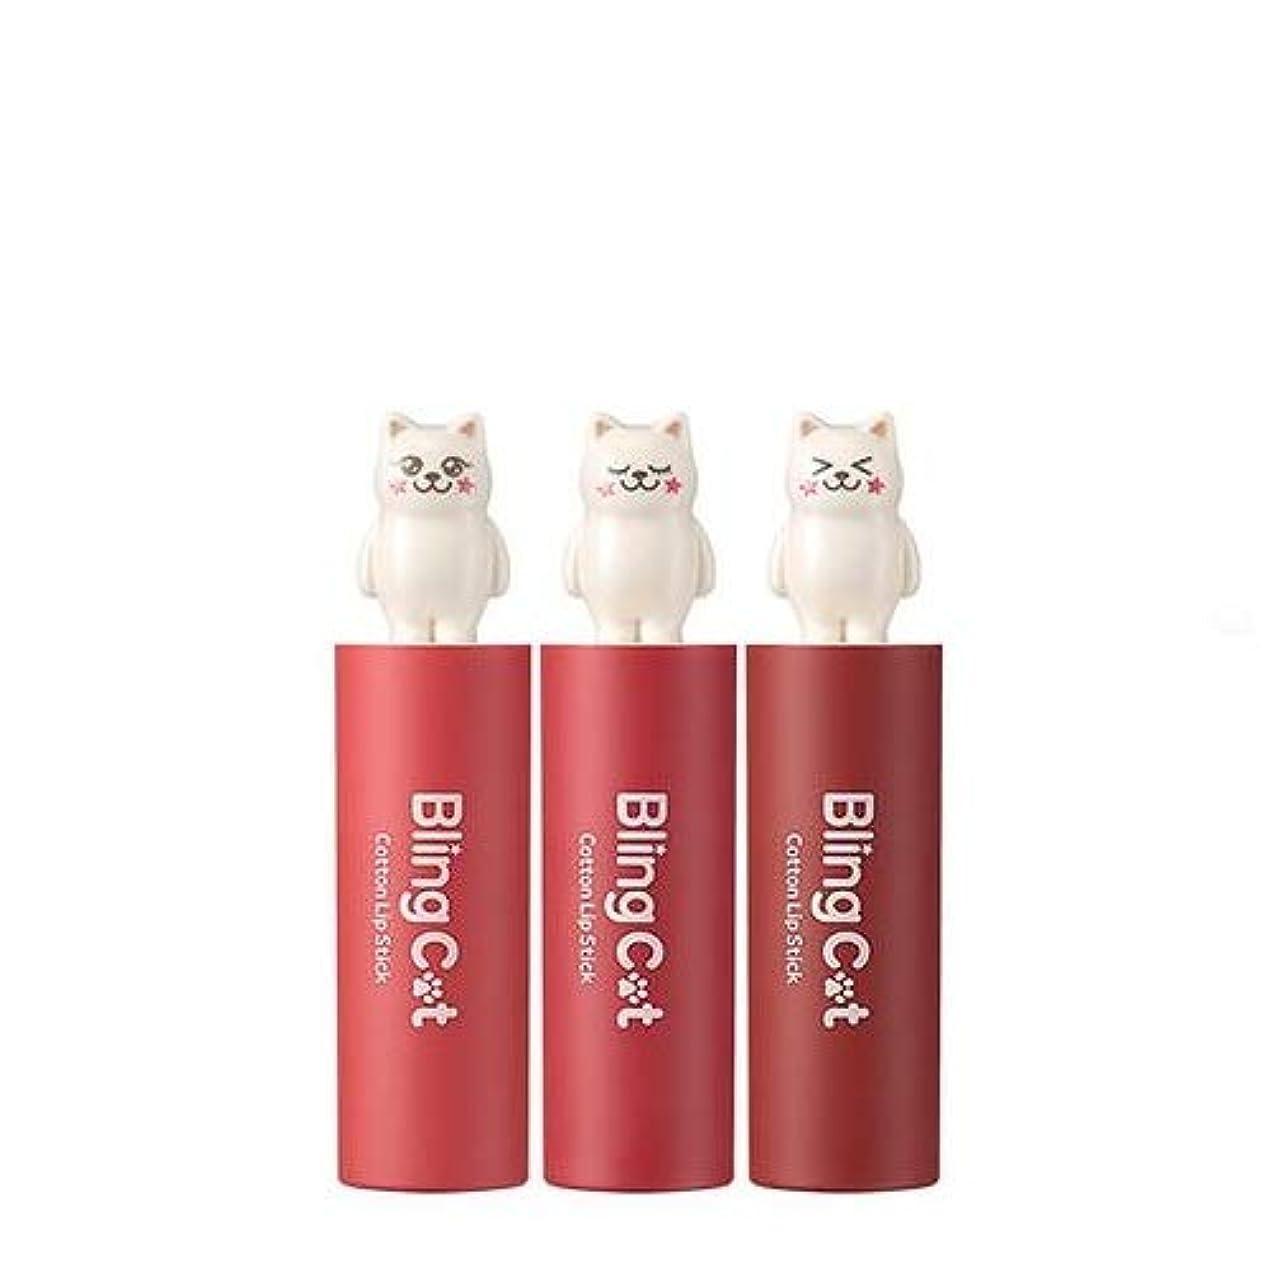 絡まる冷える崇拝しますトニーモリー ブリングキャット コットン リップスティック 3.4g / TONYMOLY Bling Cat Cotton Lipstick # 02. Heroine Pink [並行輸入品]